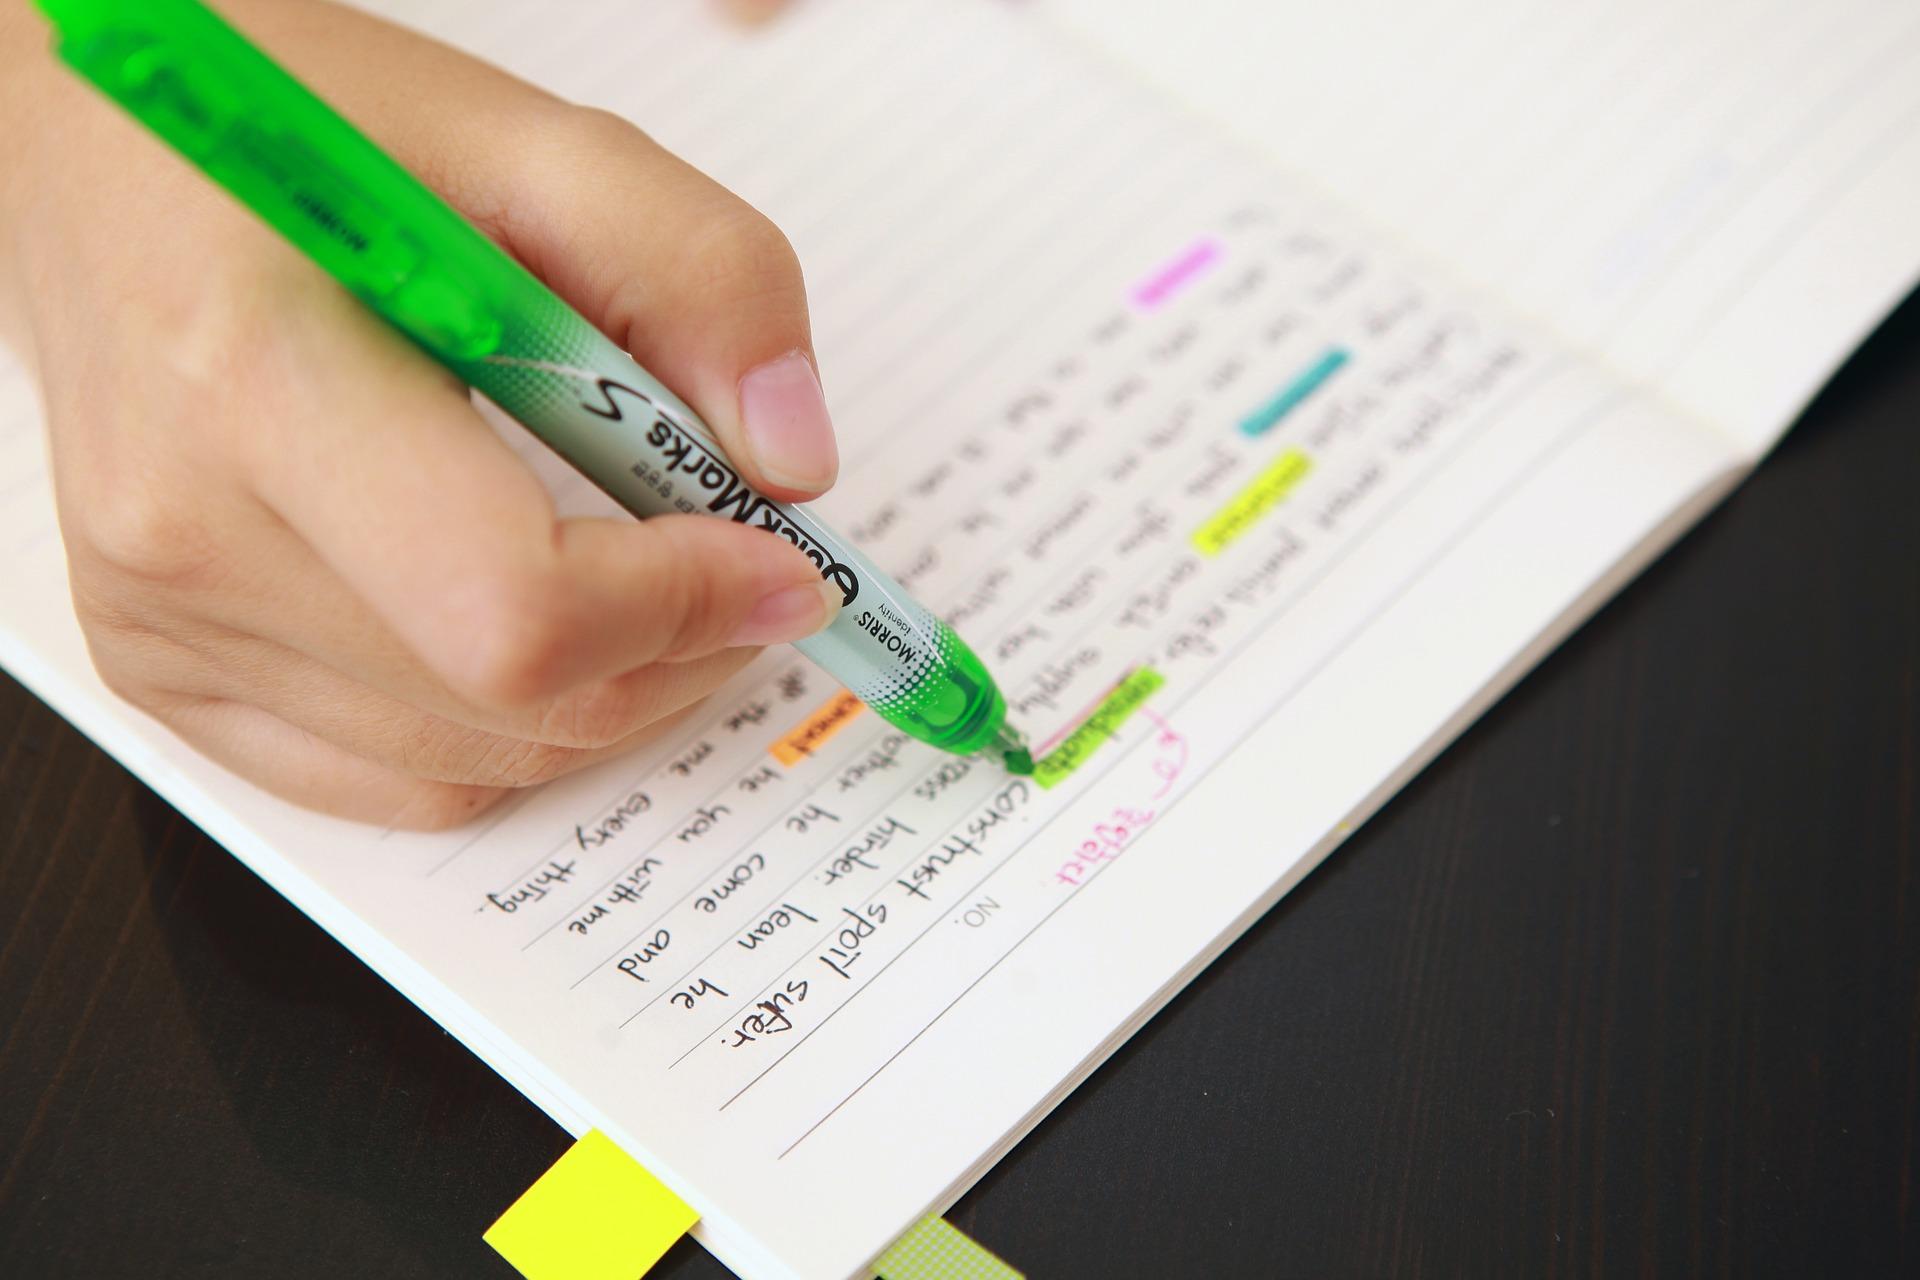 highlighting notes.jpg